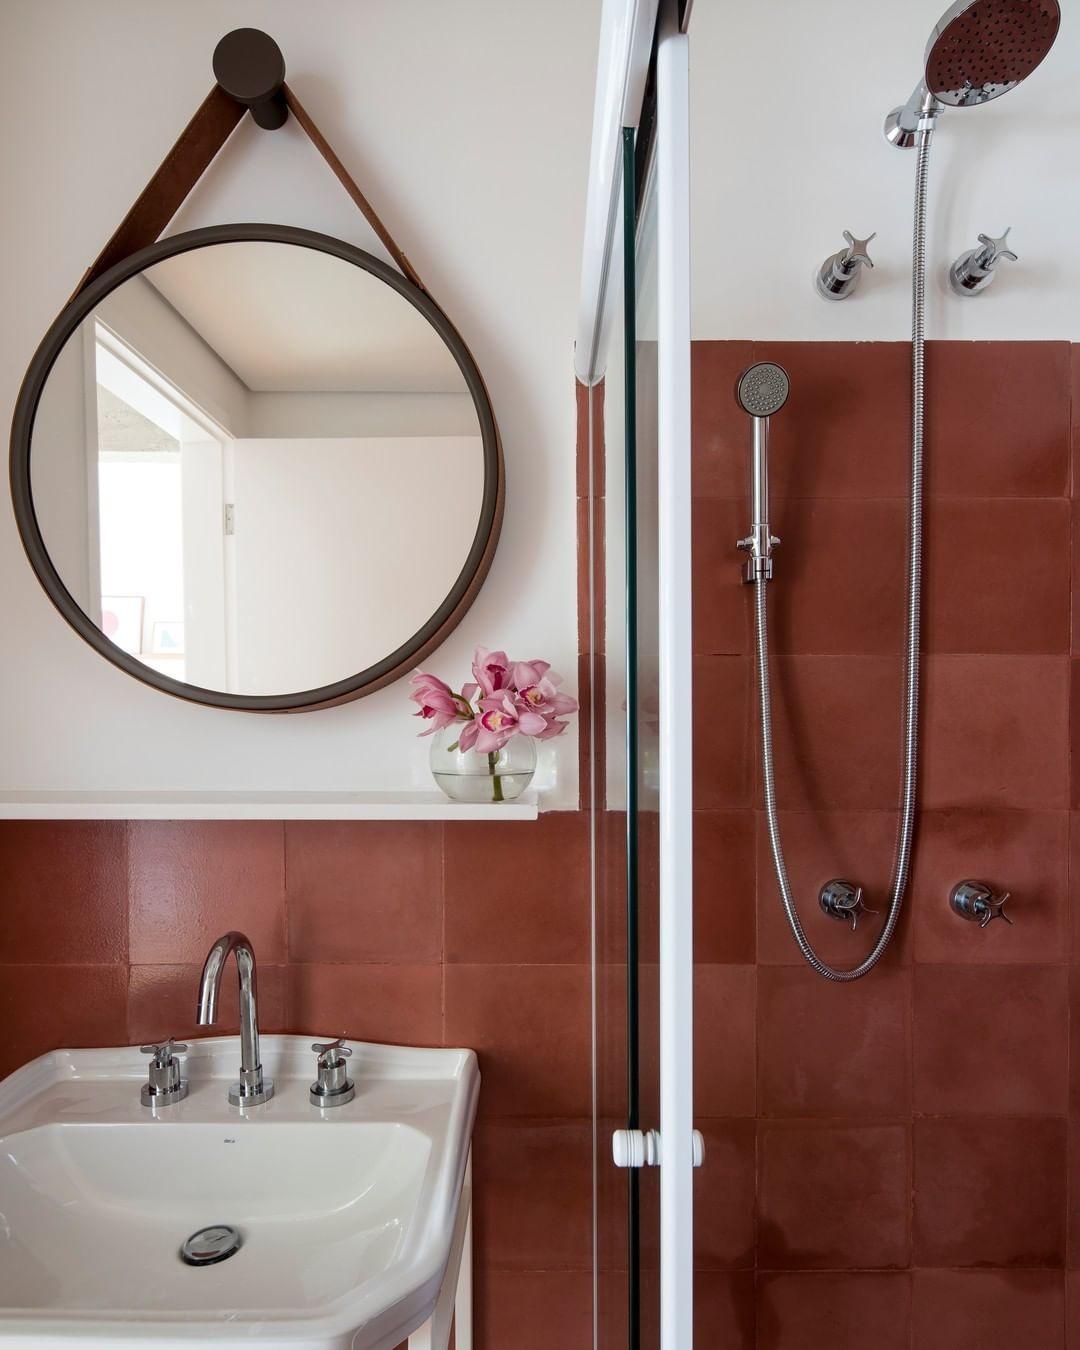 Décor do dia: banheiro com espelho redondo e pia de serralheria (Foto: Maíra Acayaba)